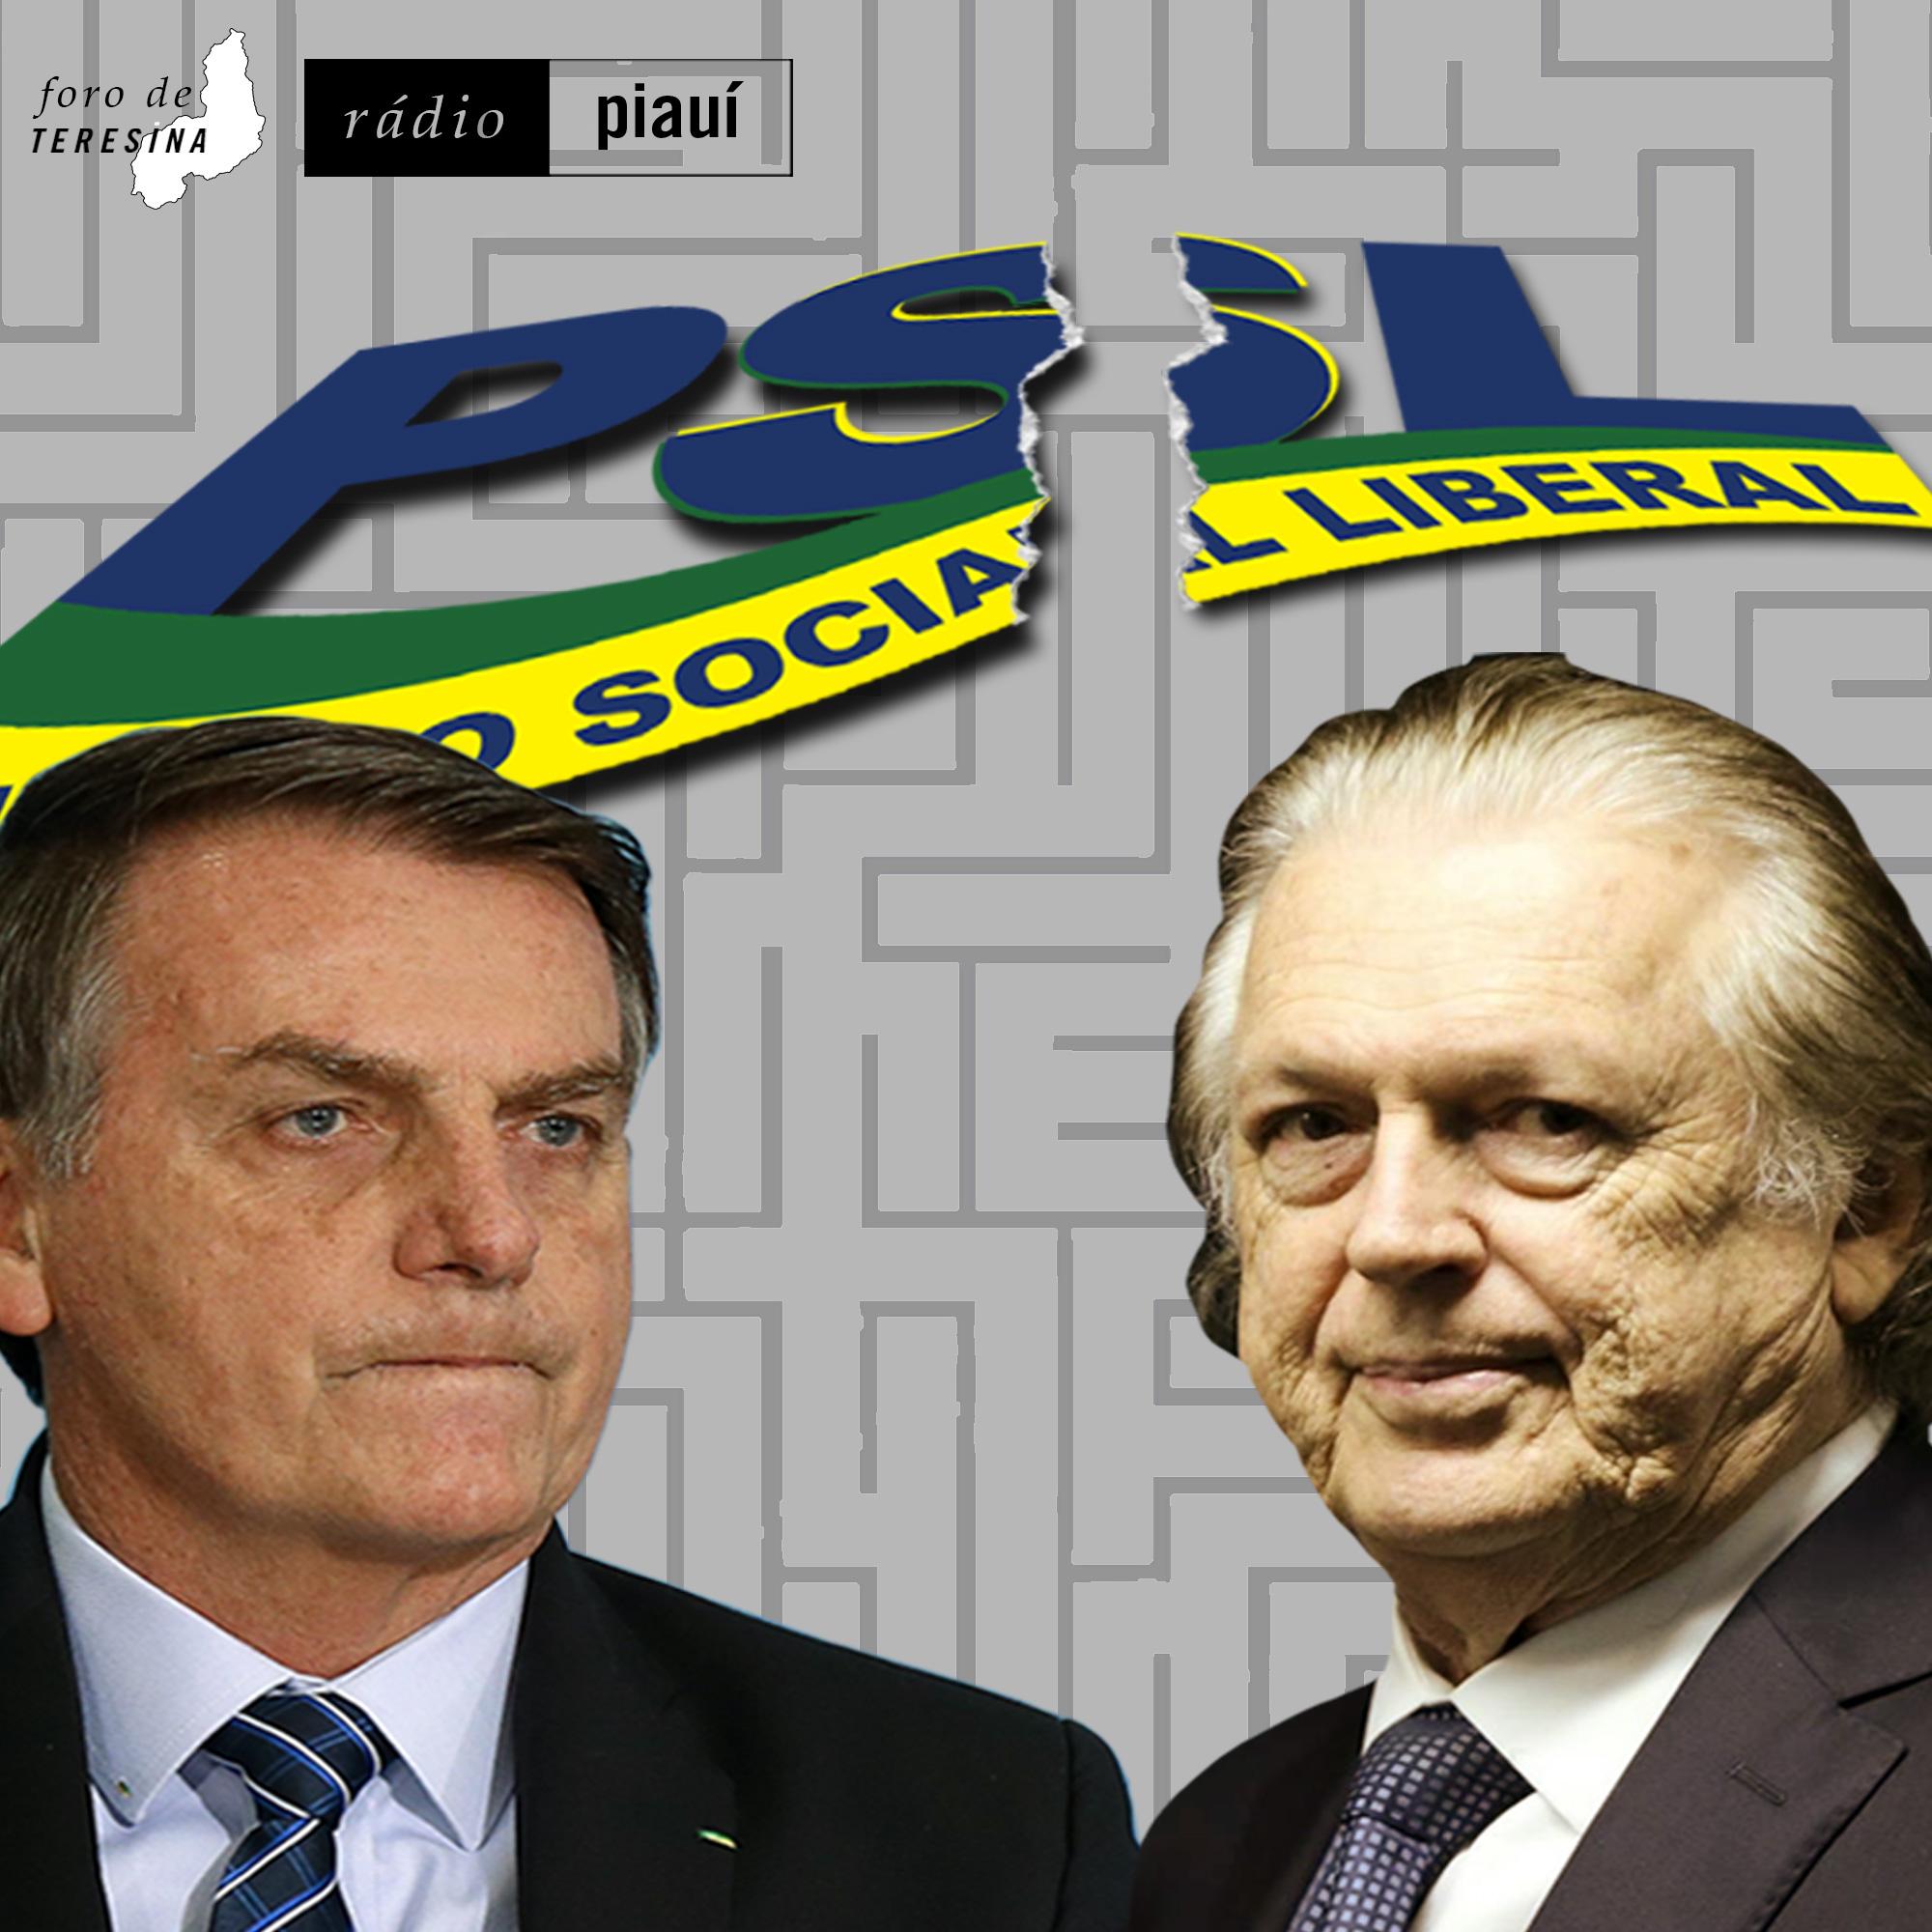 #73: Autofagia no governo, crise na oposição e o óleo nas praias do Nordeste